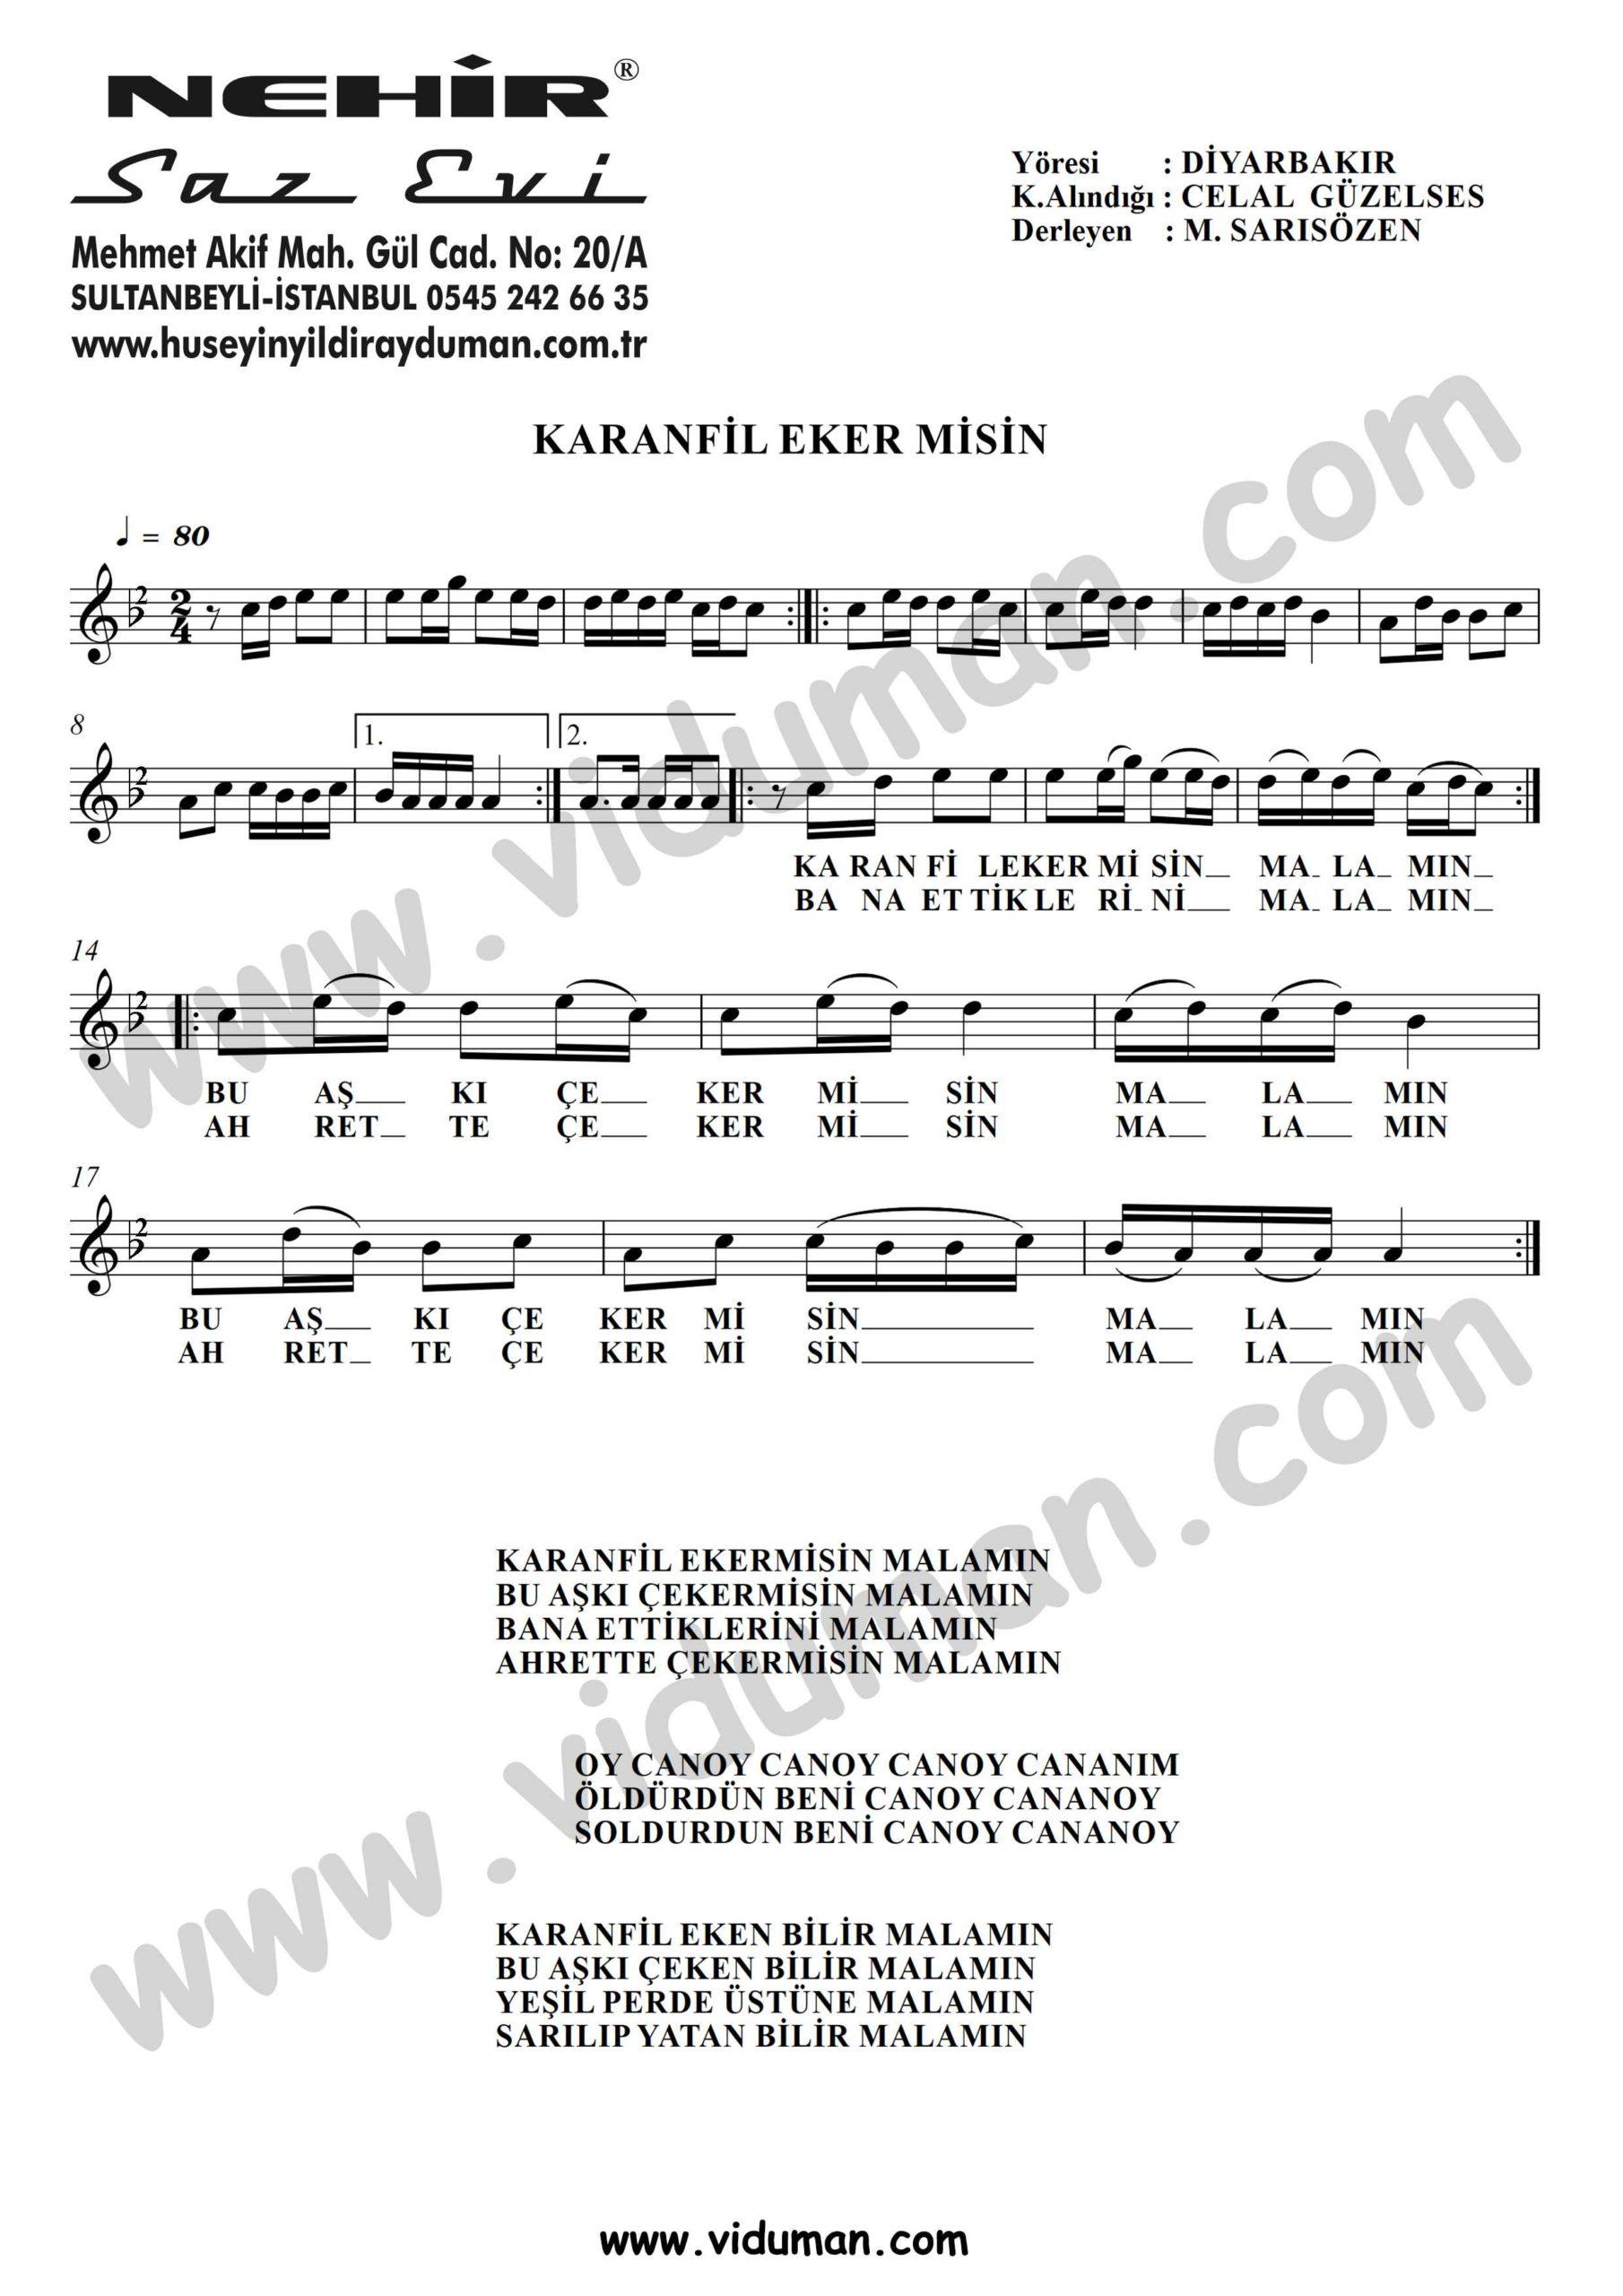 Karanfil Ekermisin-Baglama-Saz-Turku Notalari